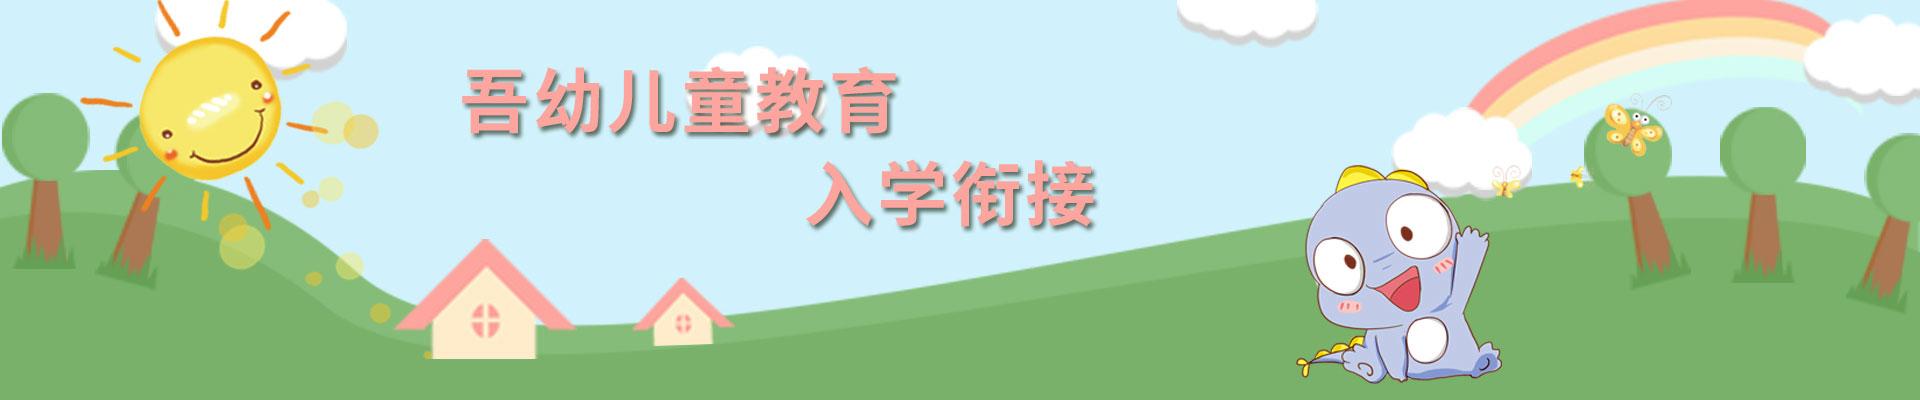 南昌梦时代广场中心吾幼儿童美术英语社区